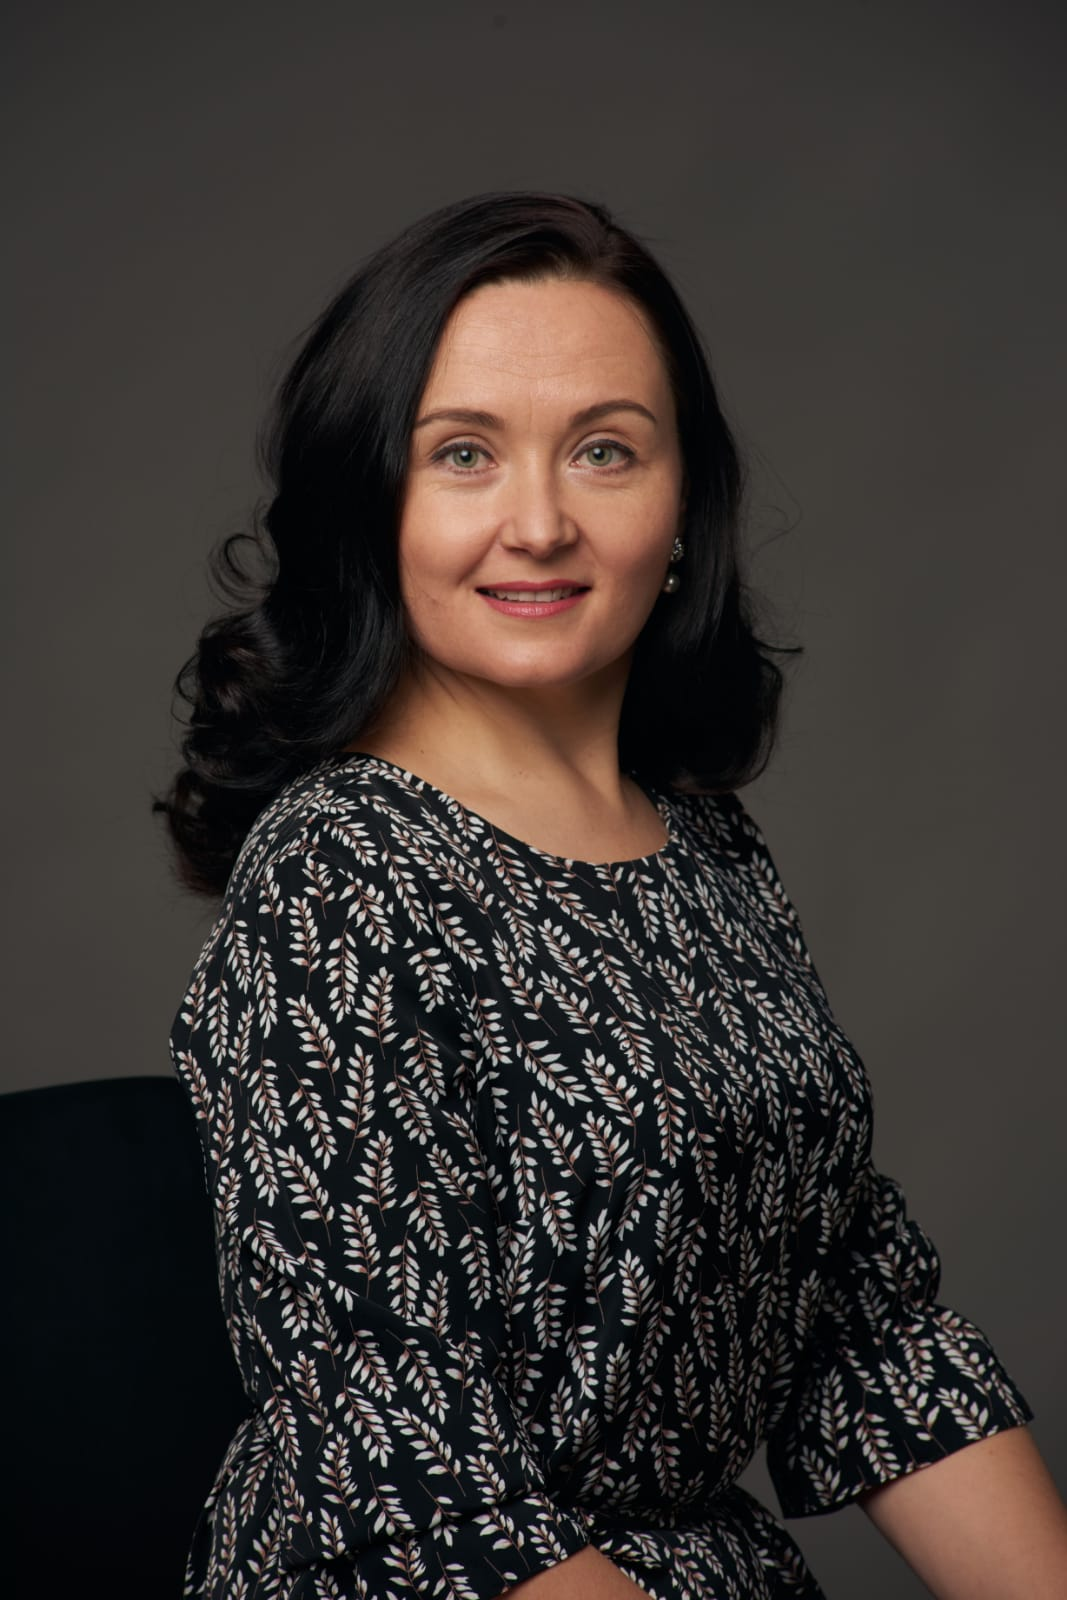 Сегодня свой день рождения отмечает артист балета, солистка ансамбля танца «Тангаур» Нефтекамской государственной филармонии Надиля Касимова